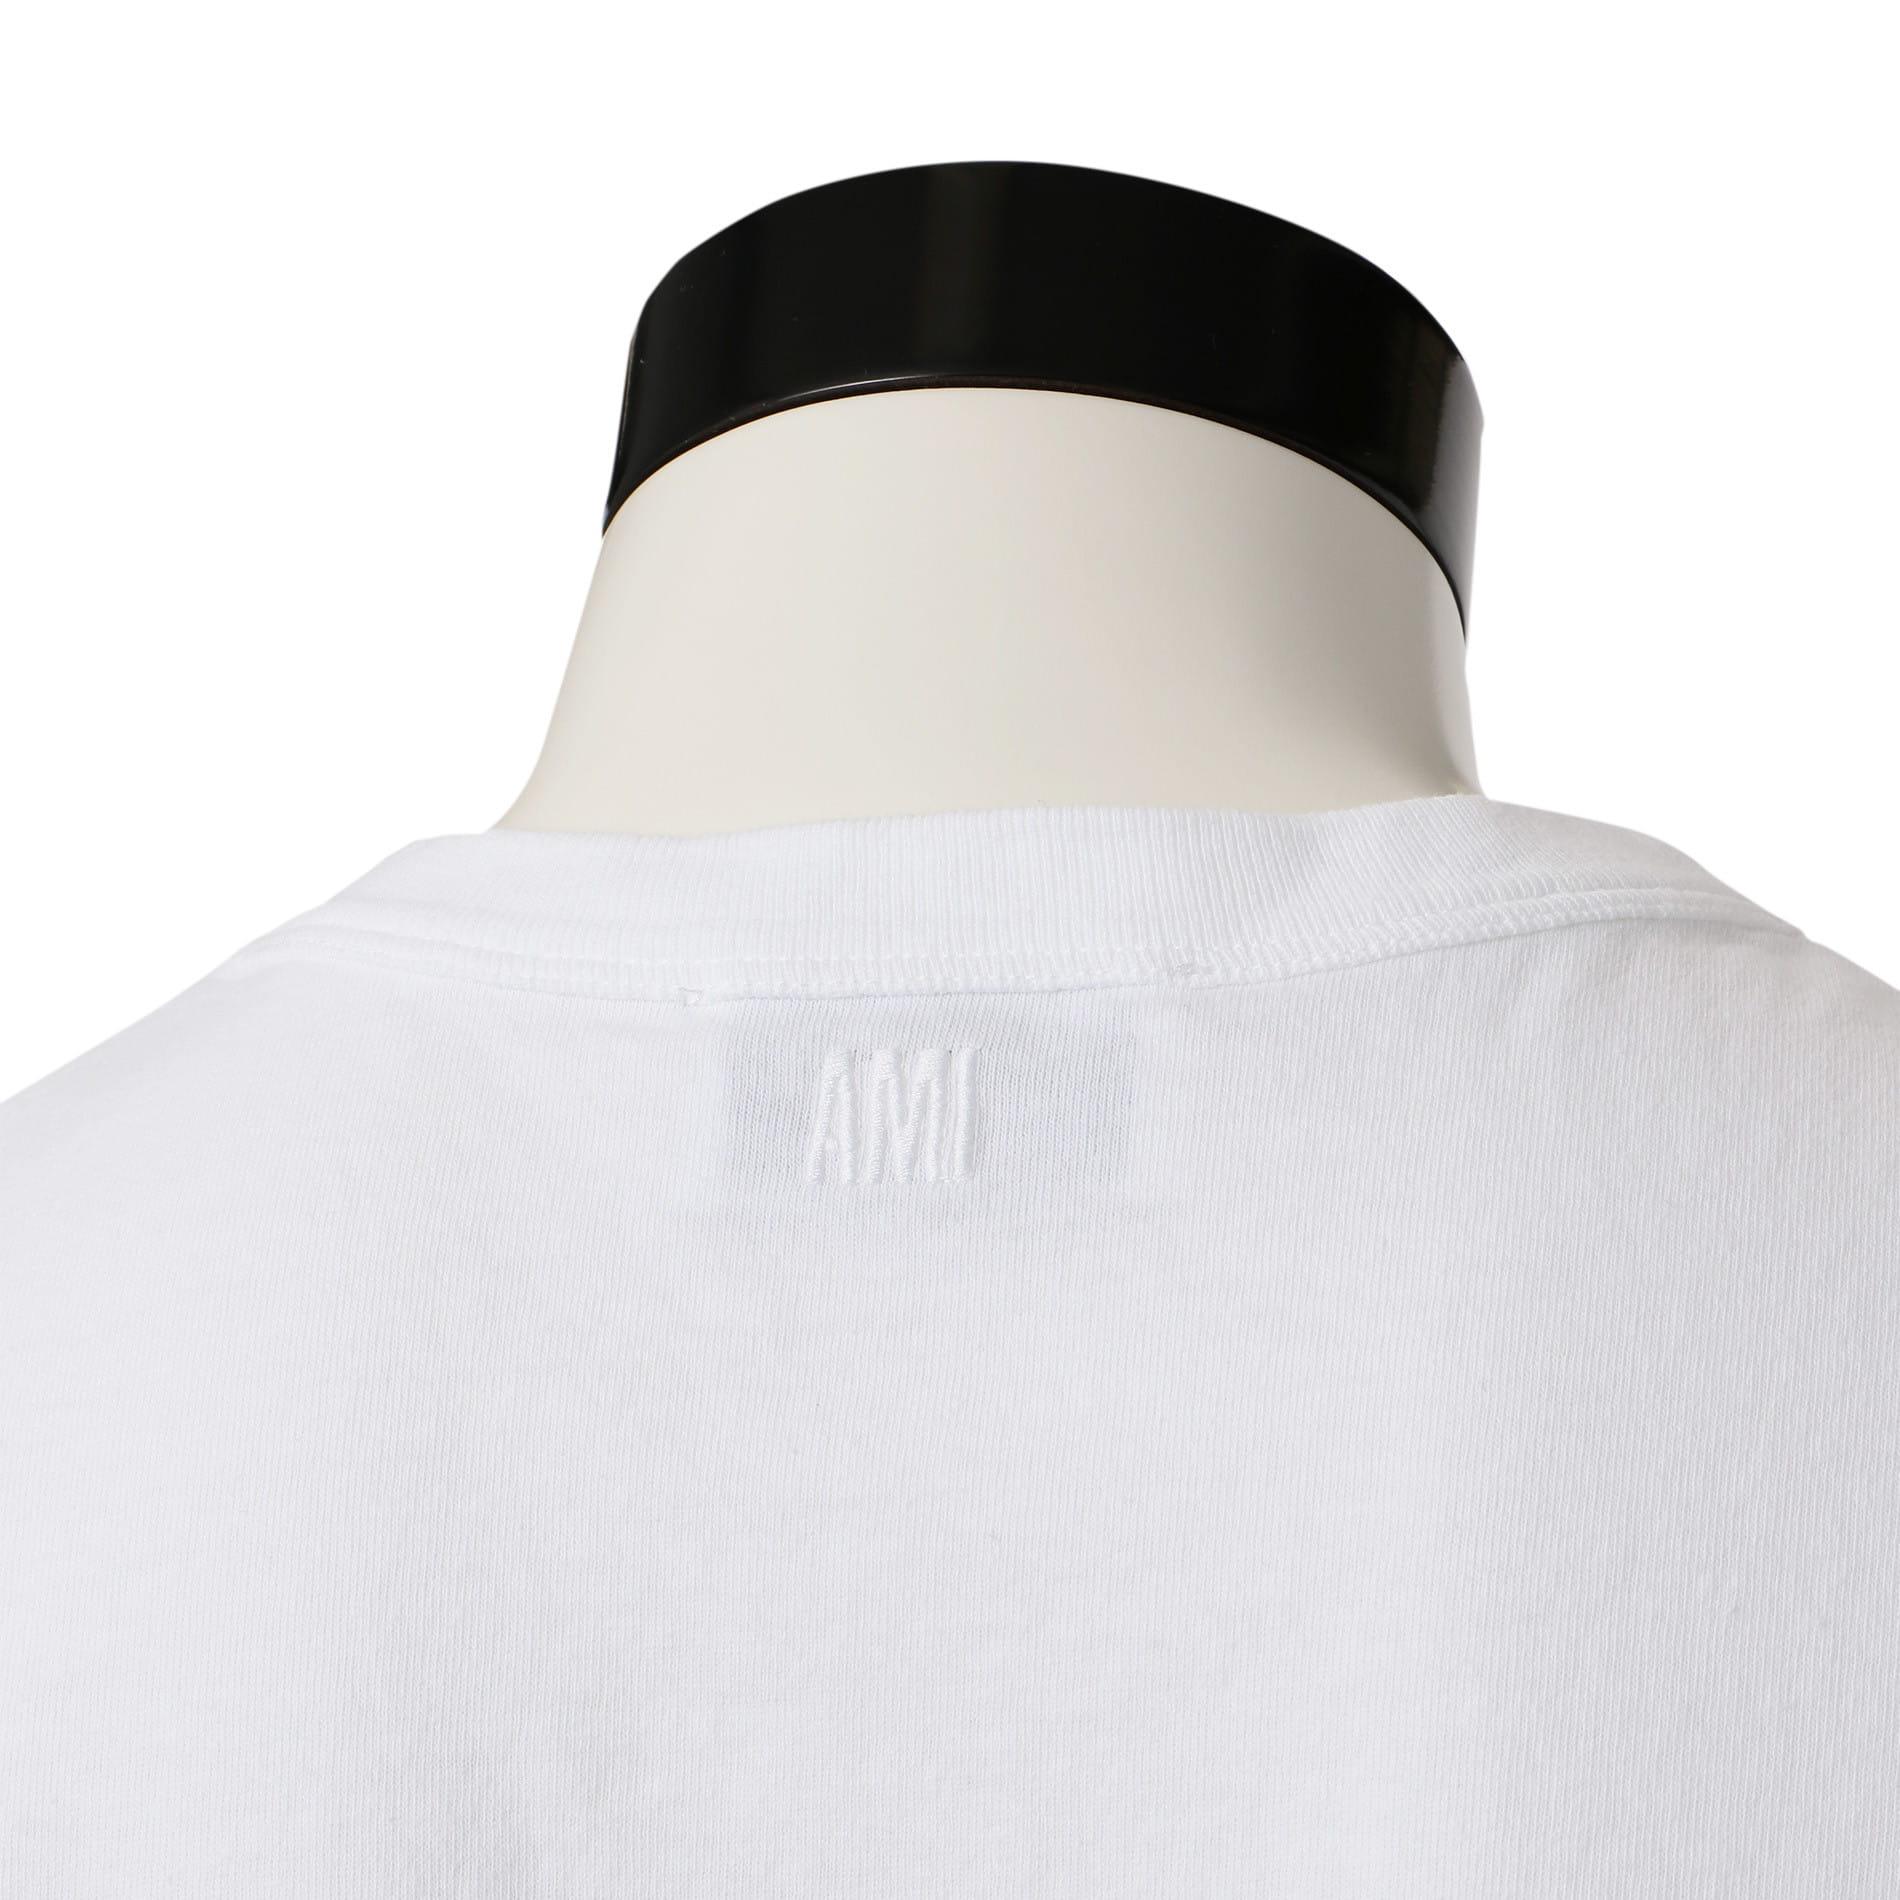 【ami alexandre mattiussi】MEN クルーネックTシャツ E19J108.722